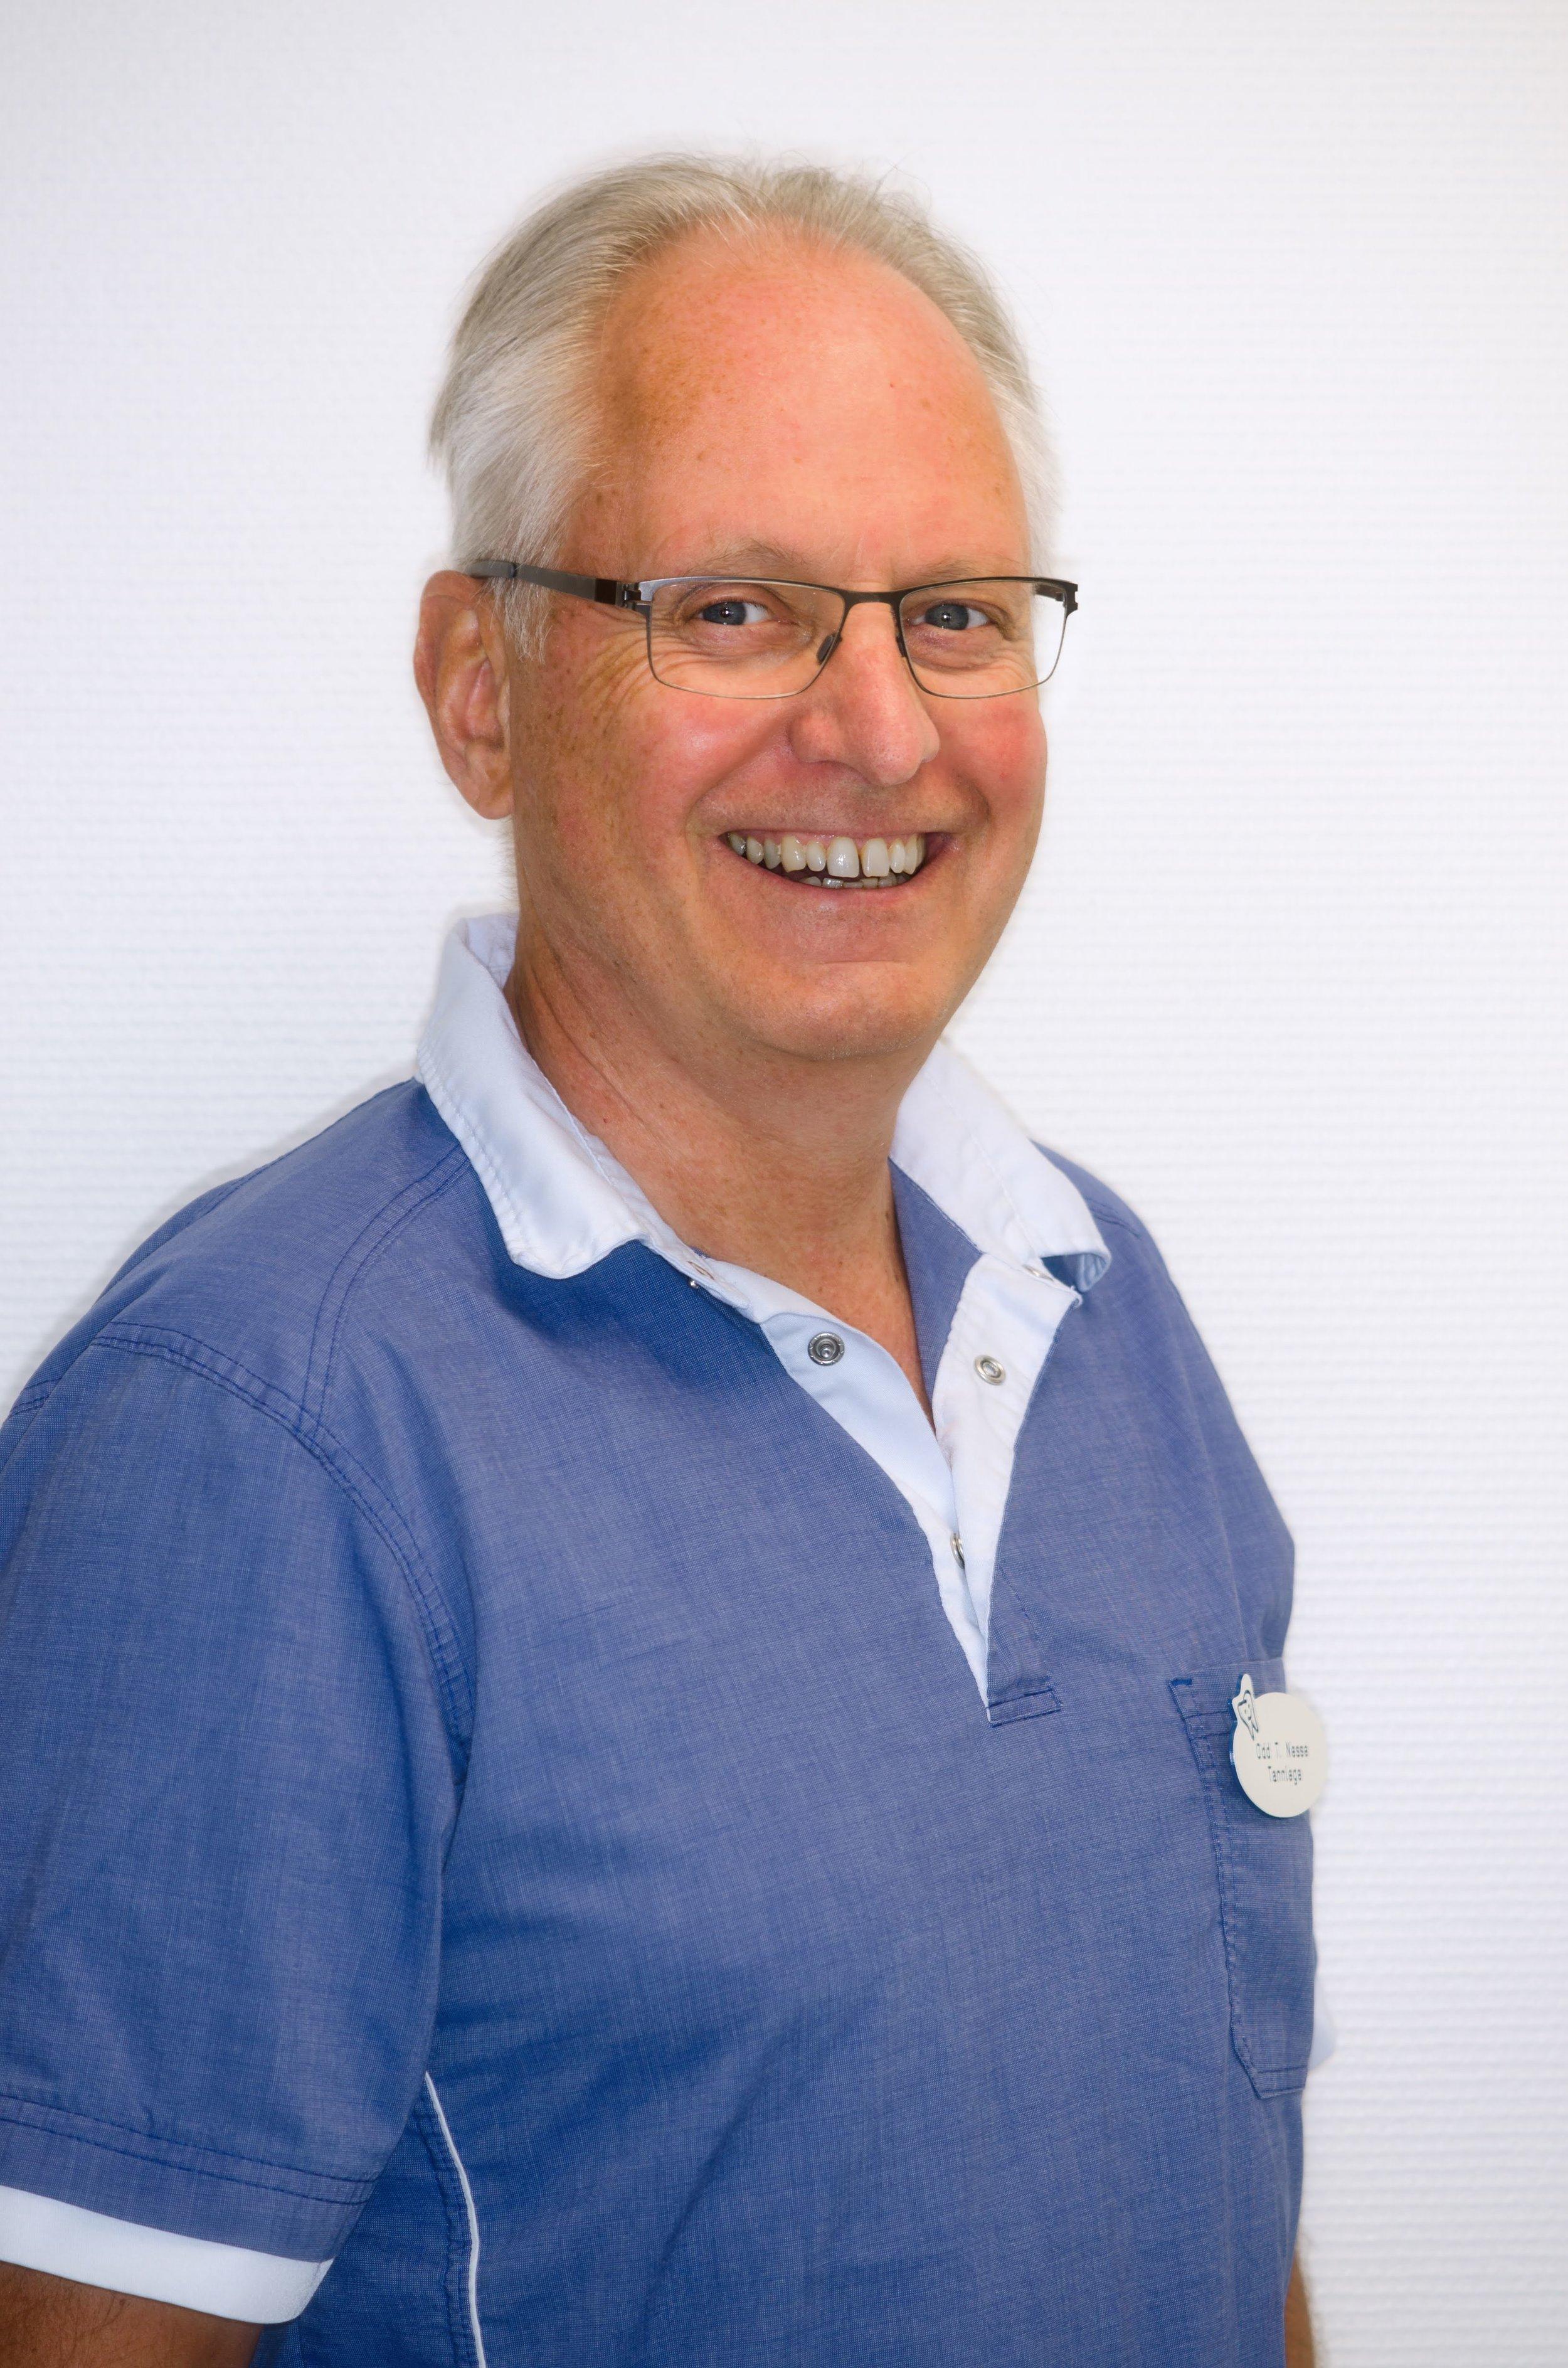 Tannlege Odd T. Nesse - spesialkompetanse implantatprotetikk - Partner